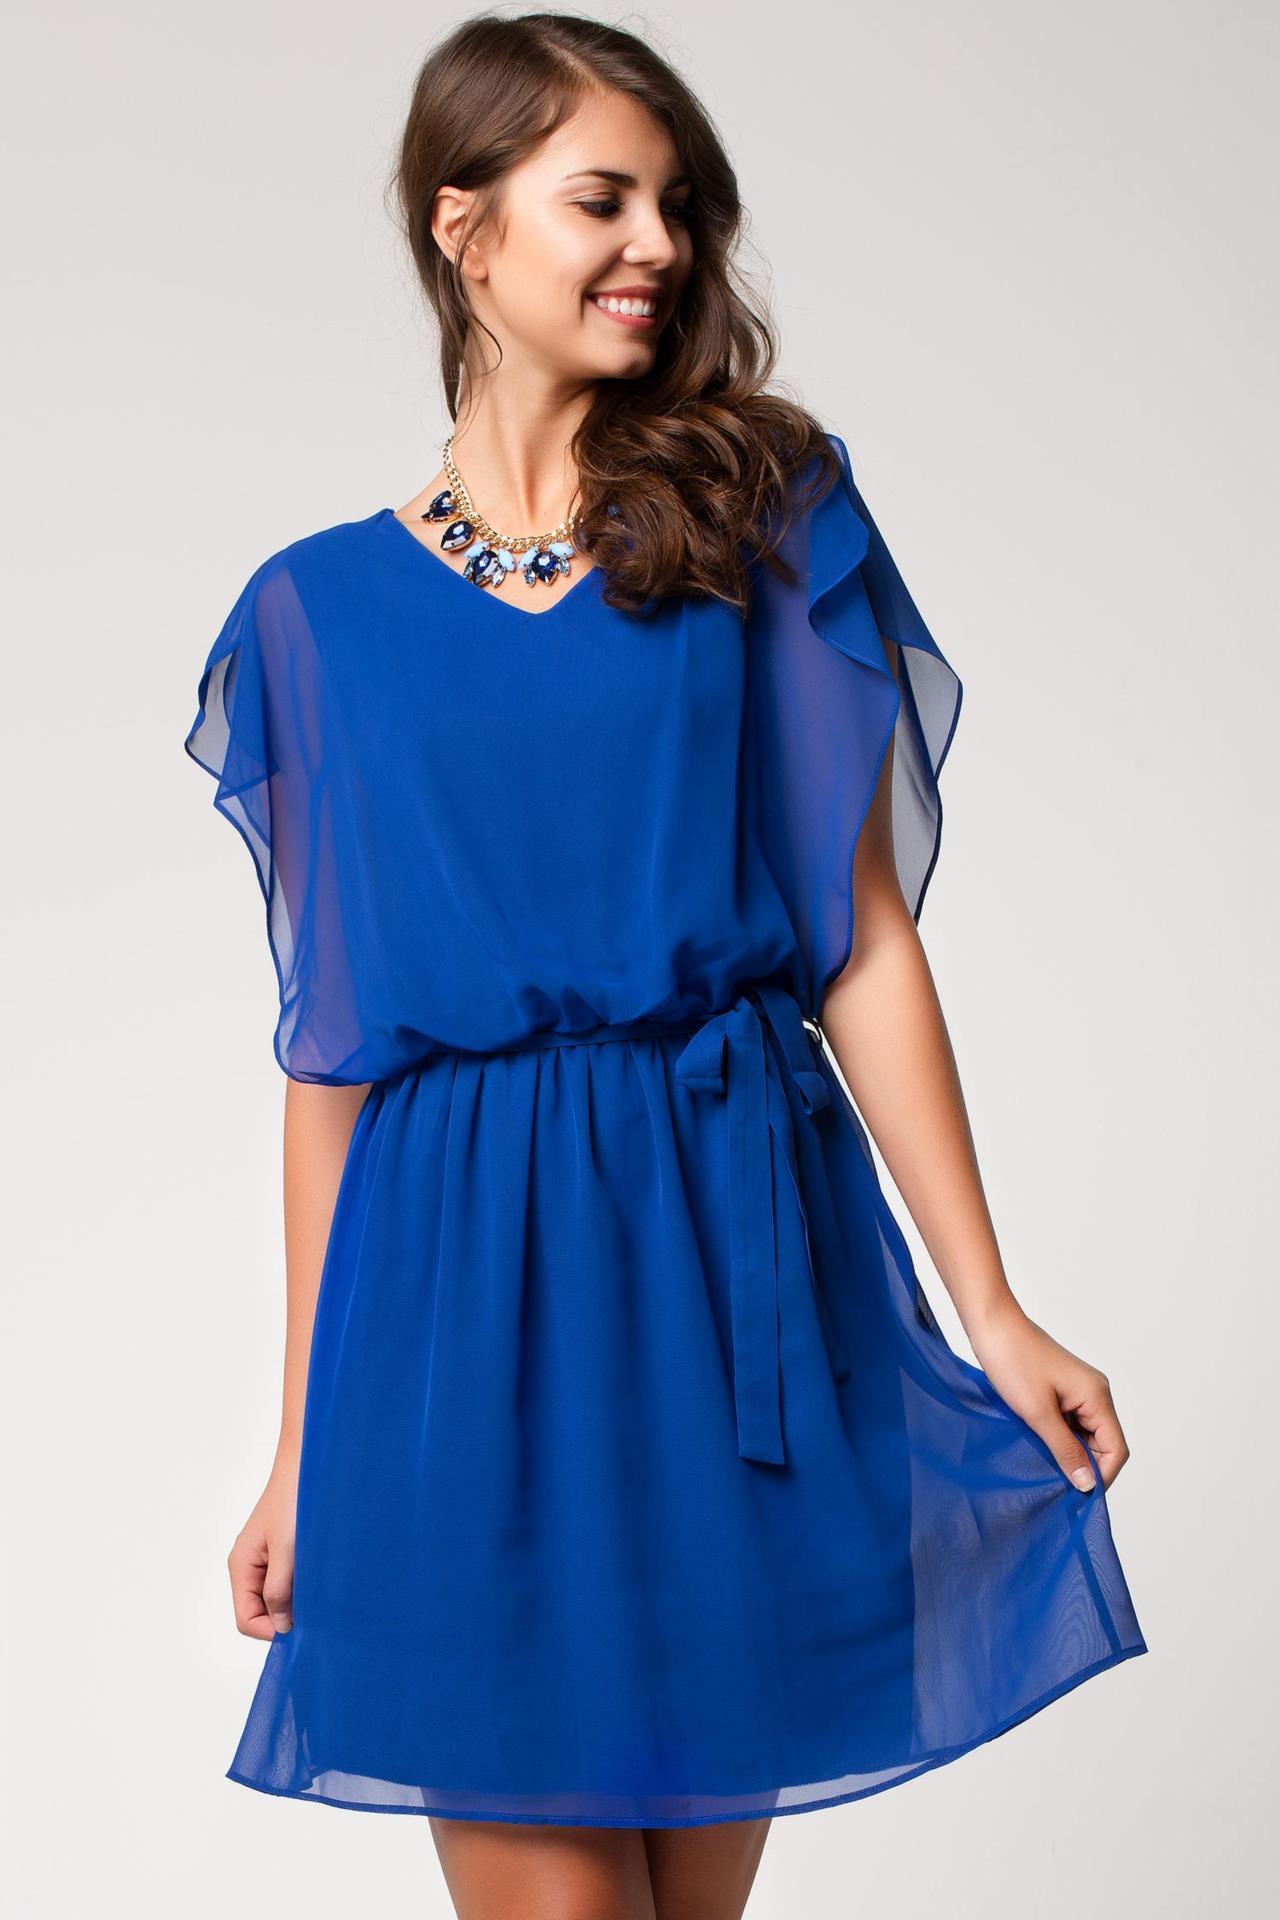 e254ad2c57fcb Mavi Renkli Şifon Detaylı DeFacto Elbise Modeli »